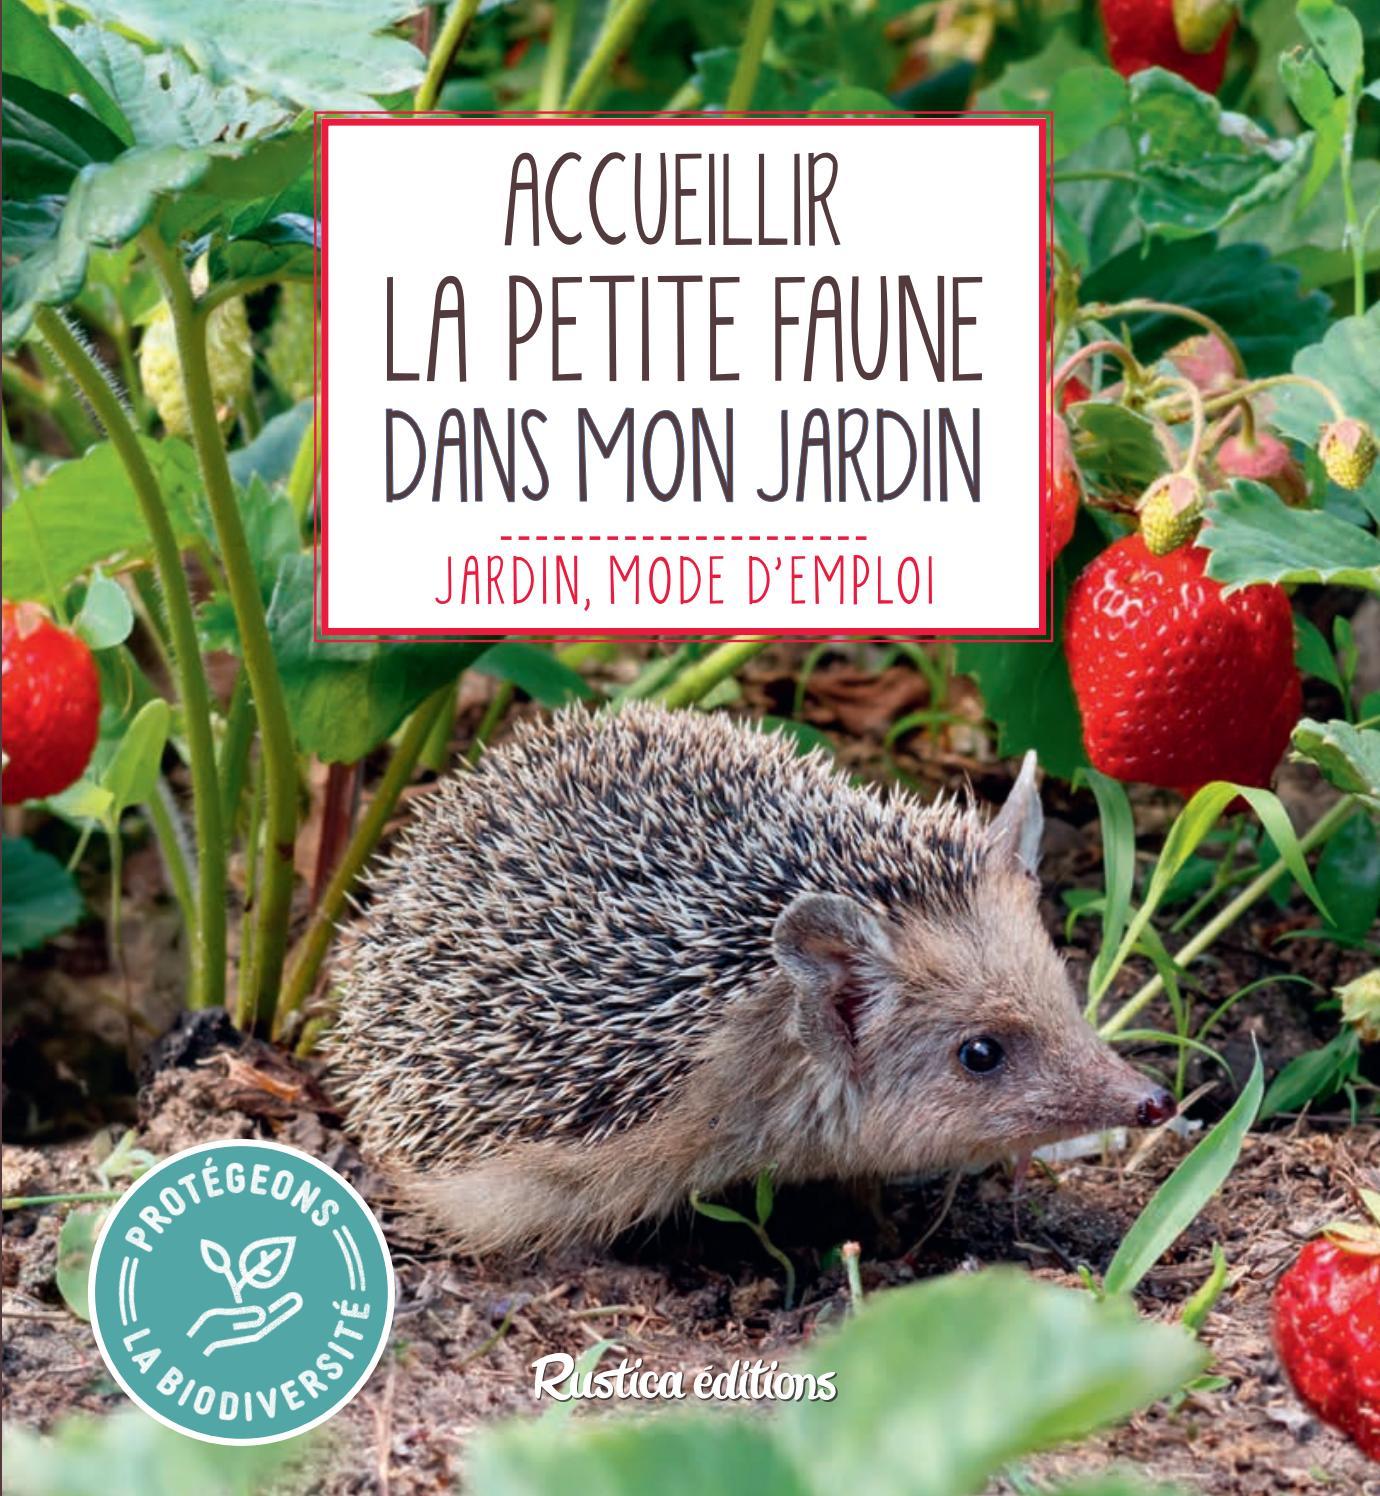 Trouver Un Jardinier A Domicile accueillir la petite faune du jardinfleurus editions - issuu